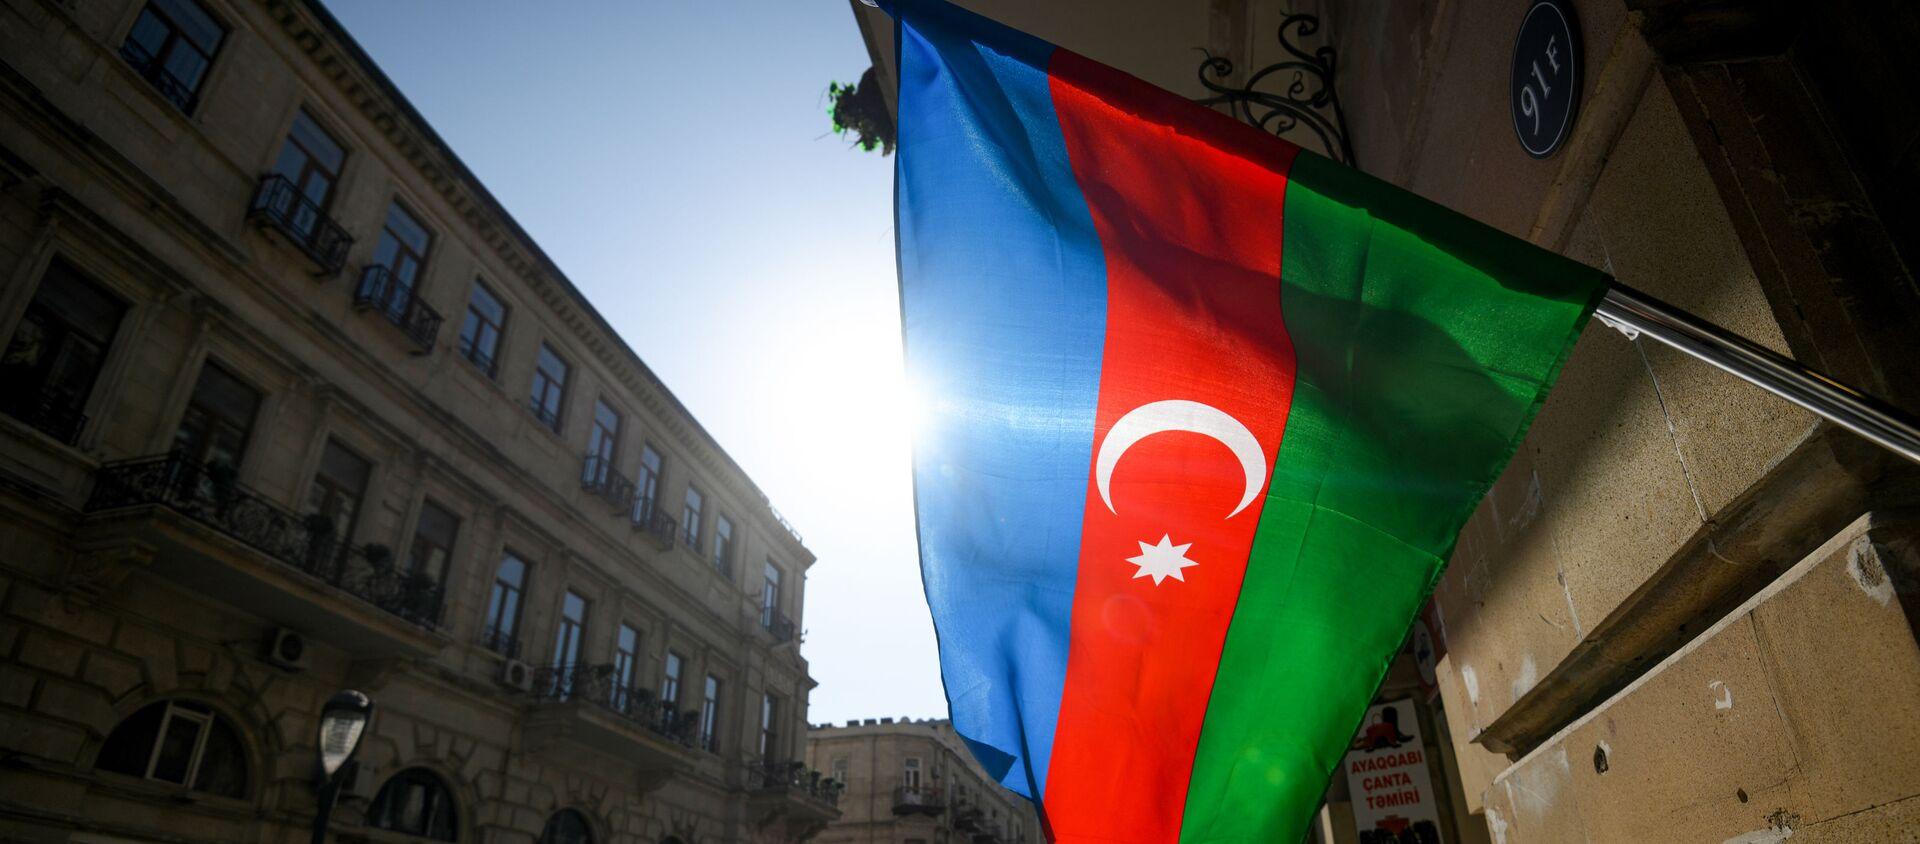 Azerbaycan bayrağı - Bakü  - Sputnik Türkiye, 1920, 27.02.2021